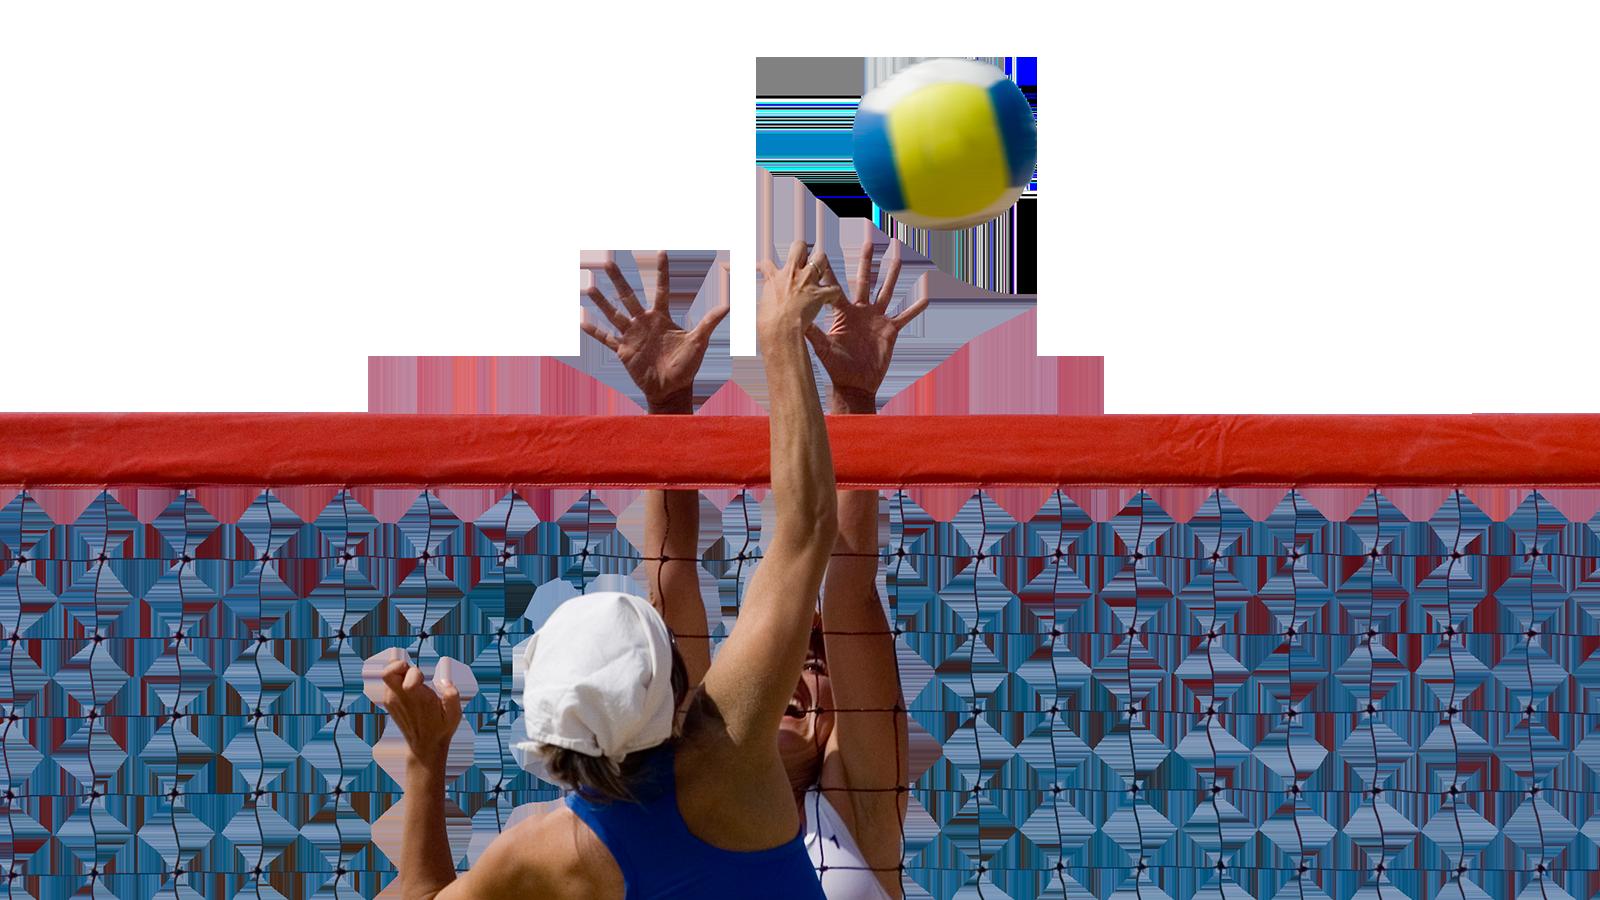 Escuela deportiva de Voleibol saludclub vacaciones recreativas